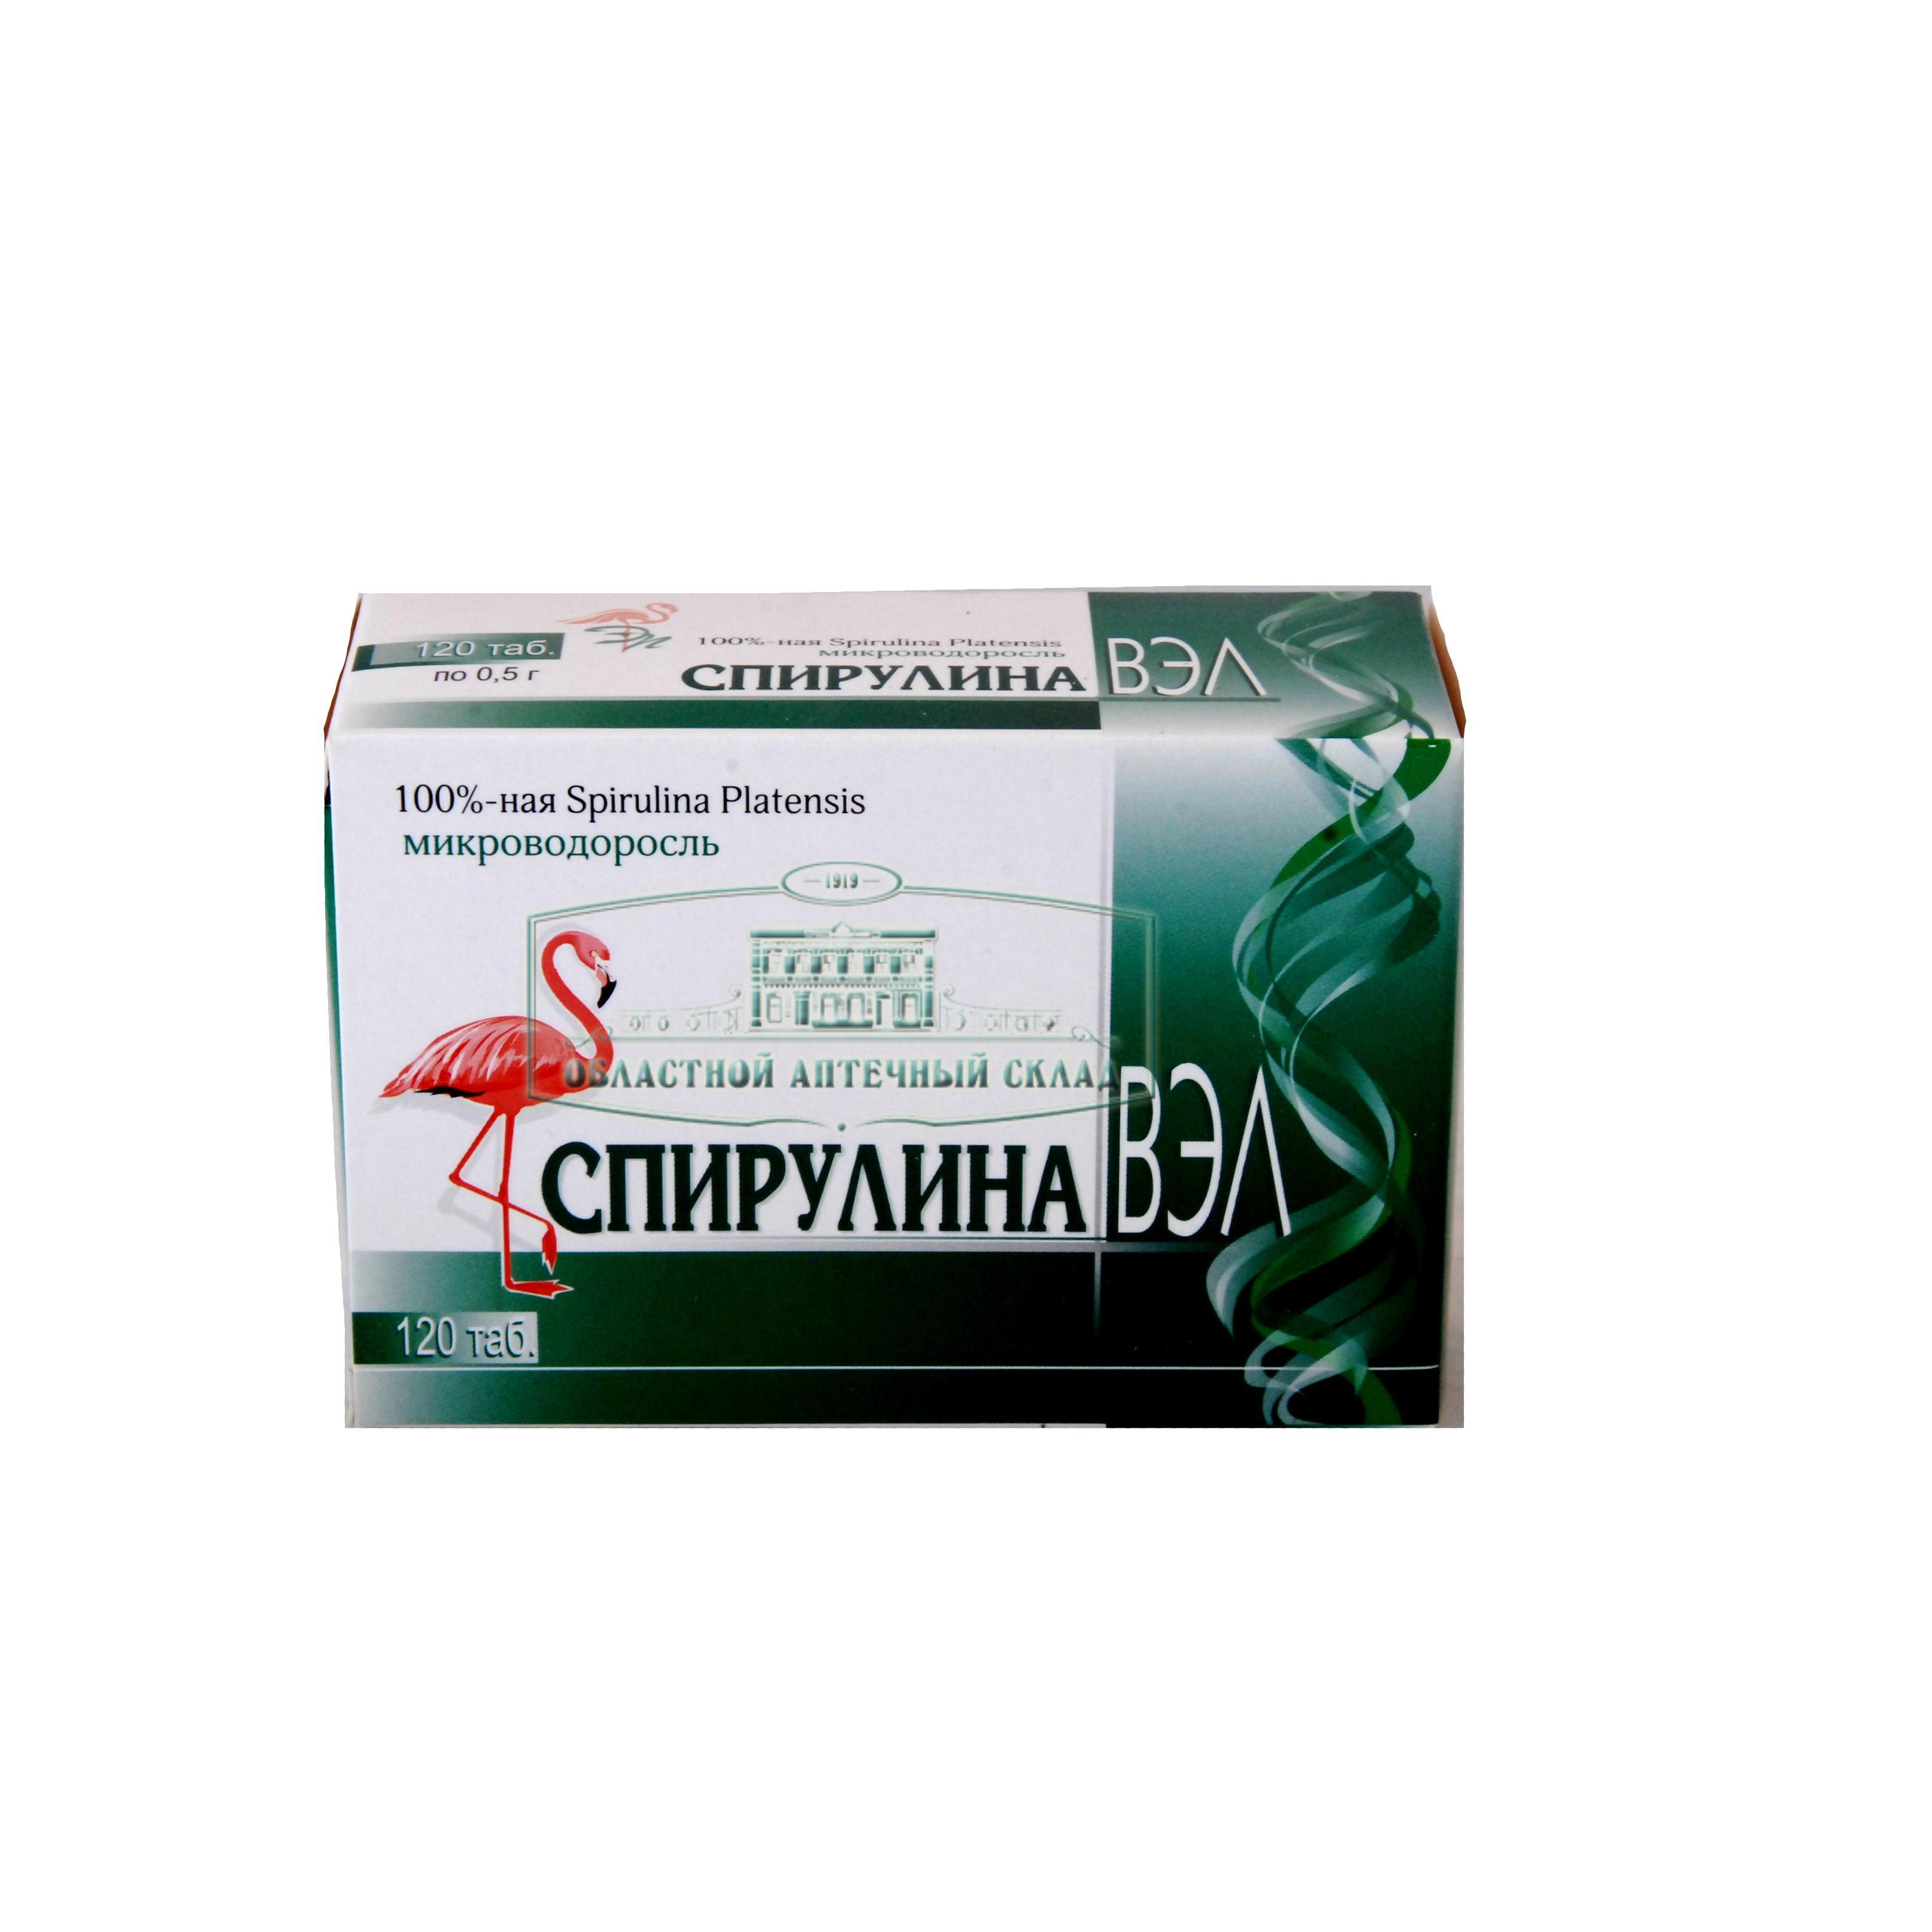 Спирулина полезные свойства и противопоказания, польза и вред